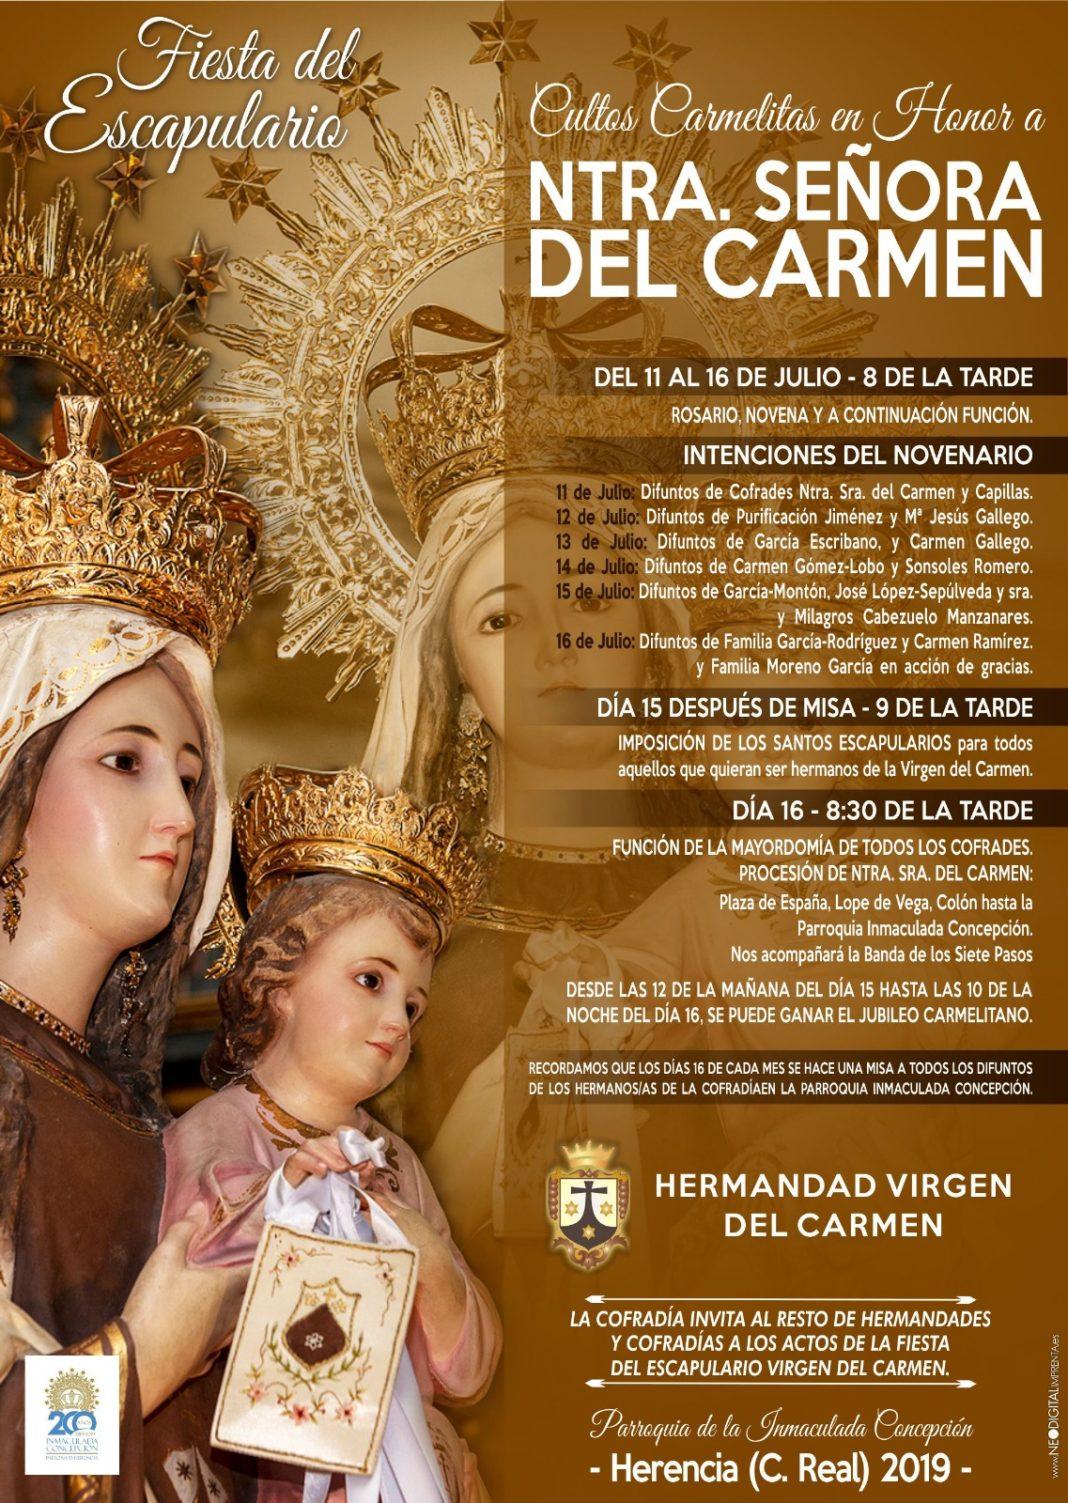 Fiesta del Escapulario de la Virgen del Carmen en Herencia 4